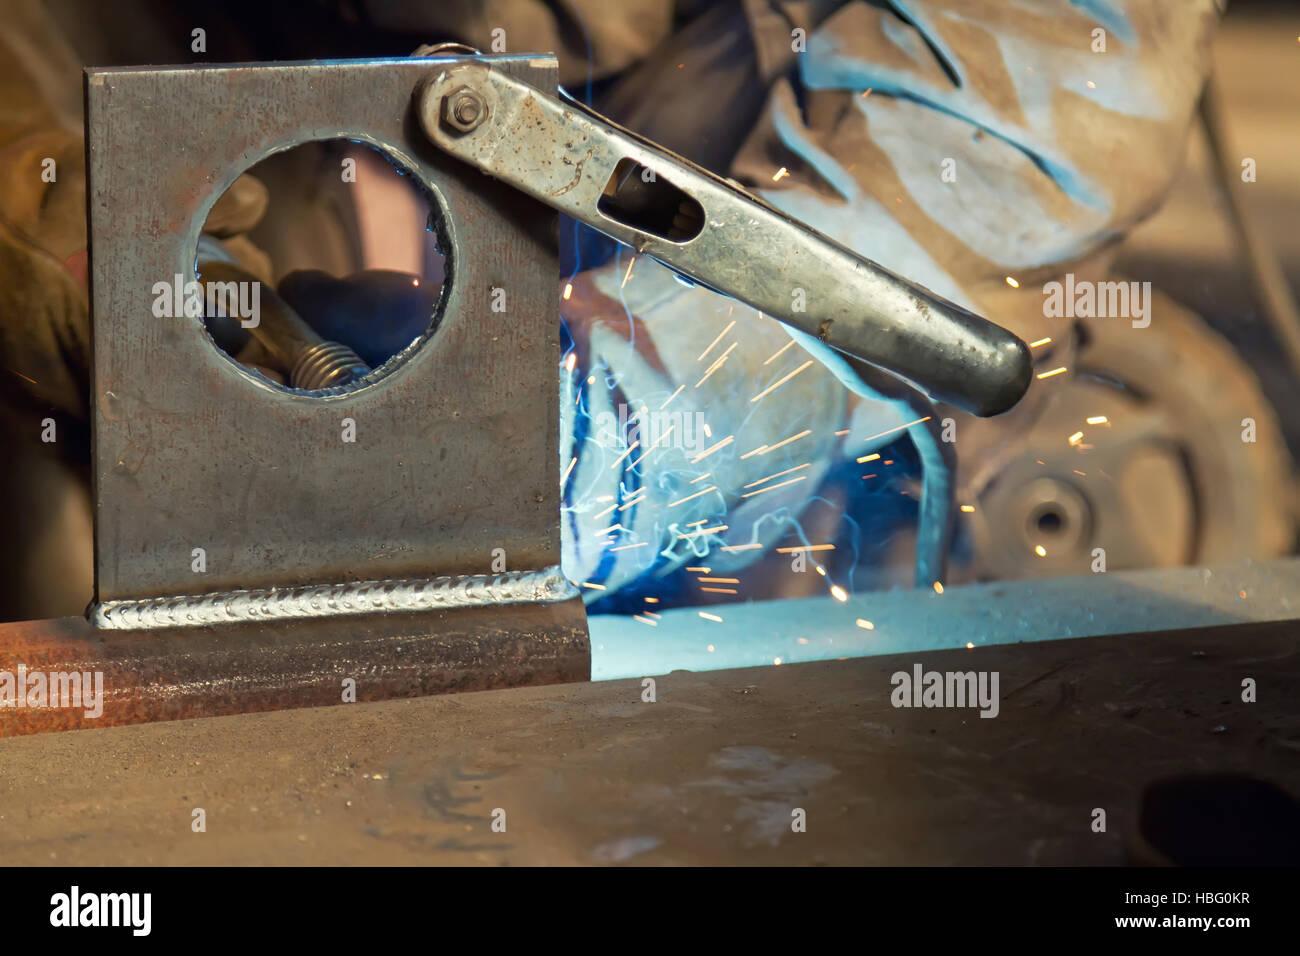 La fabbricazione mediante saldatura semiautomatica Immagini Stock